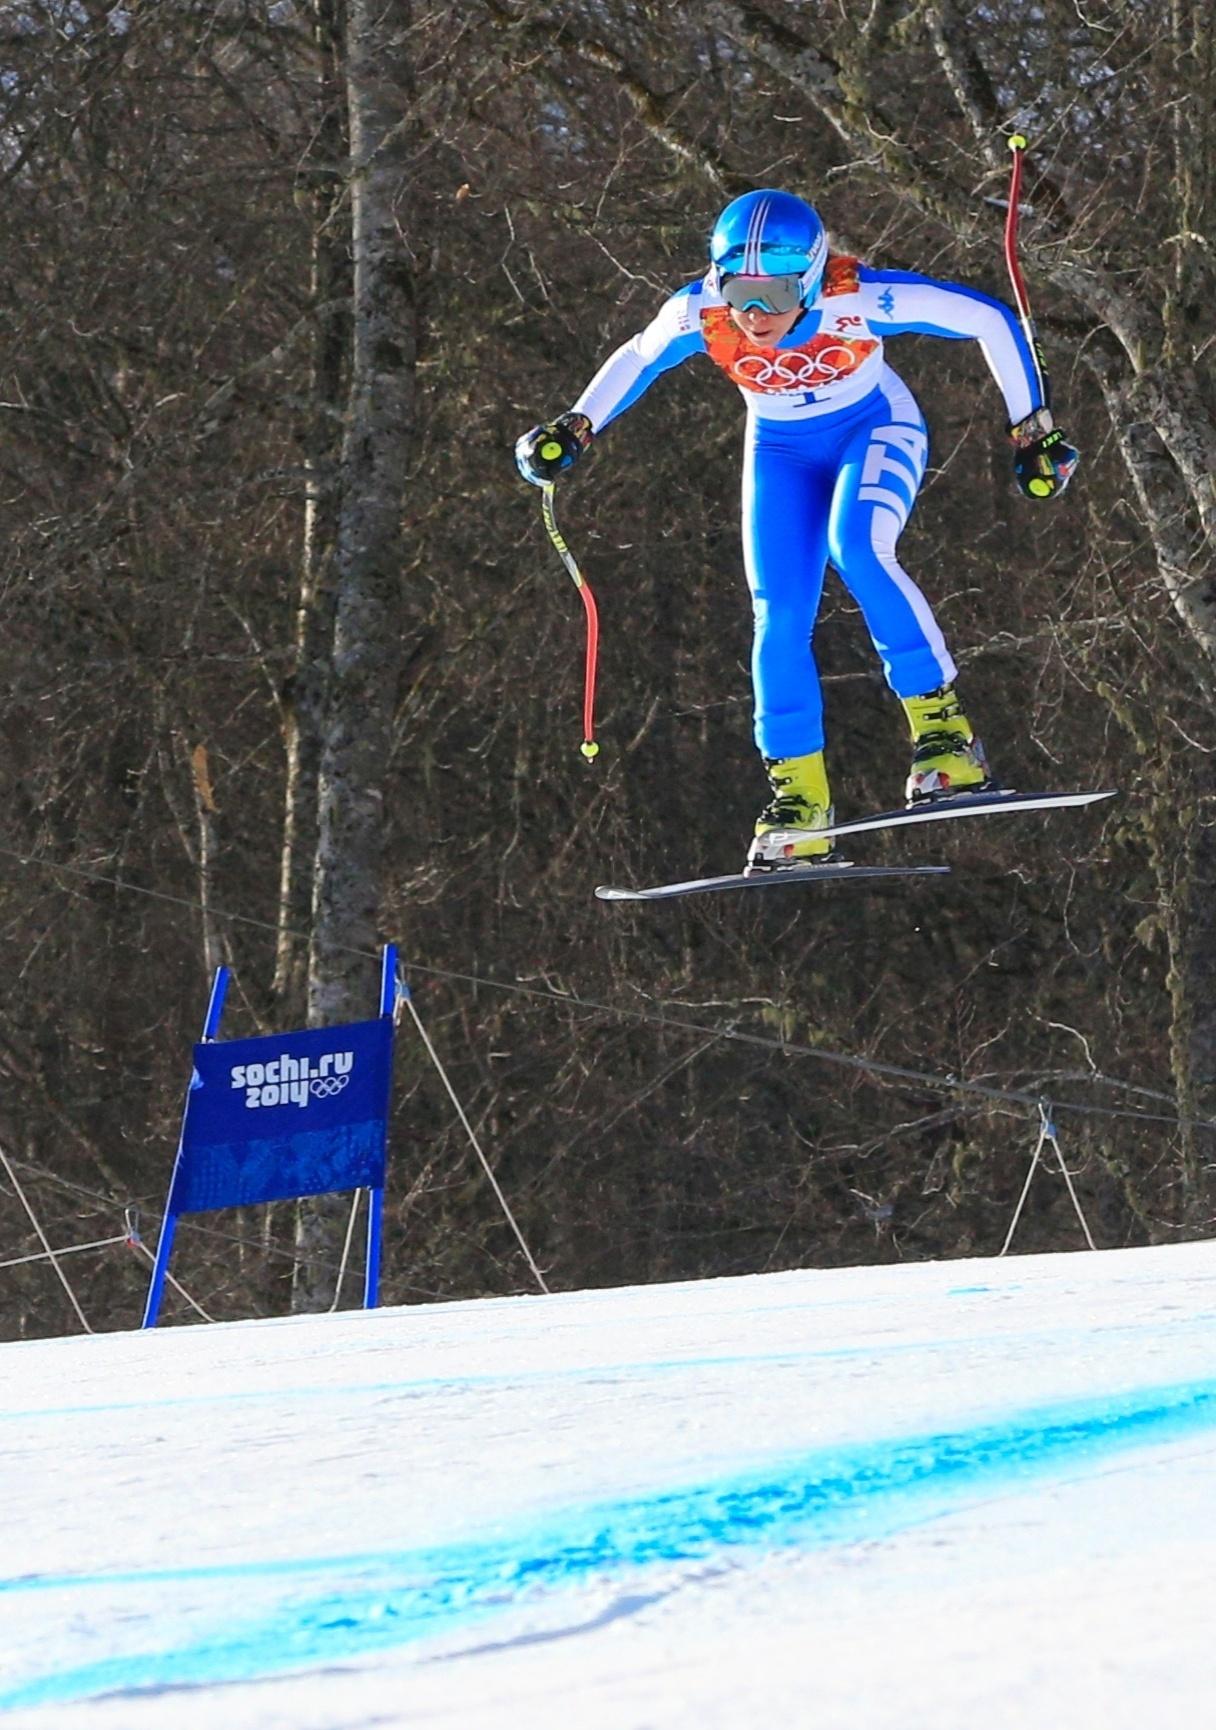 10.02.2014 - Francesca Marsaglia, atleta da Itália, fica com as pernas tortas e voa em Sochi